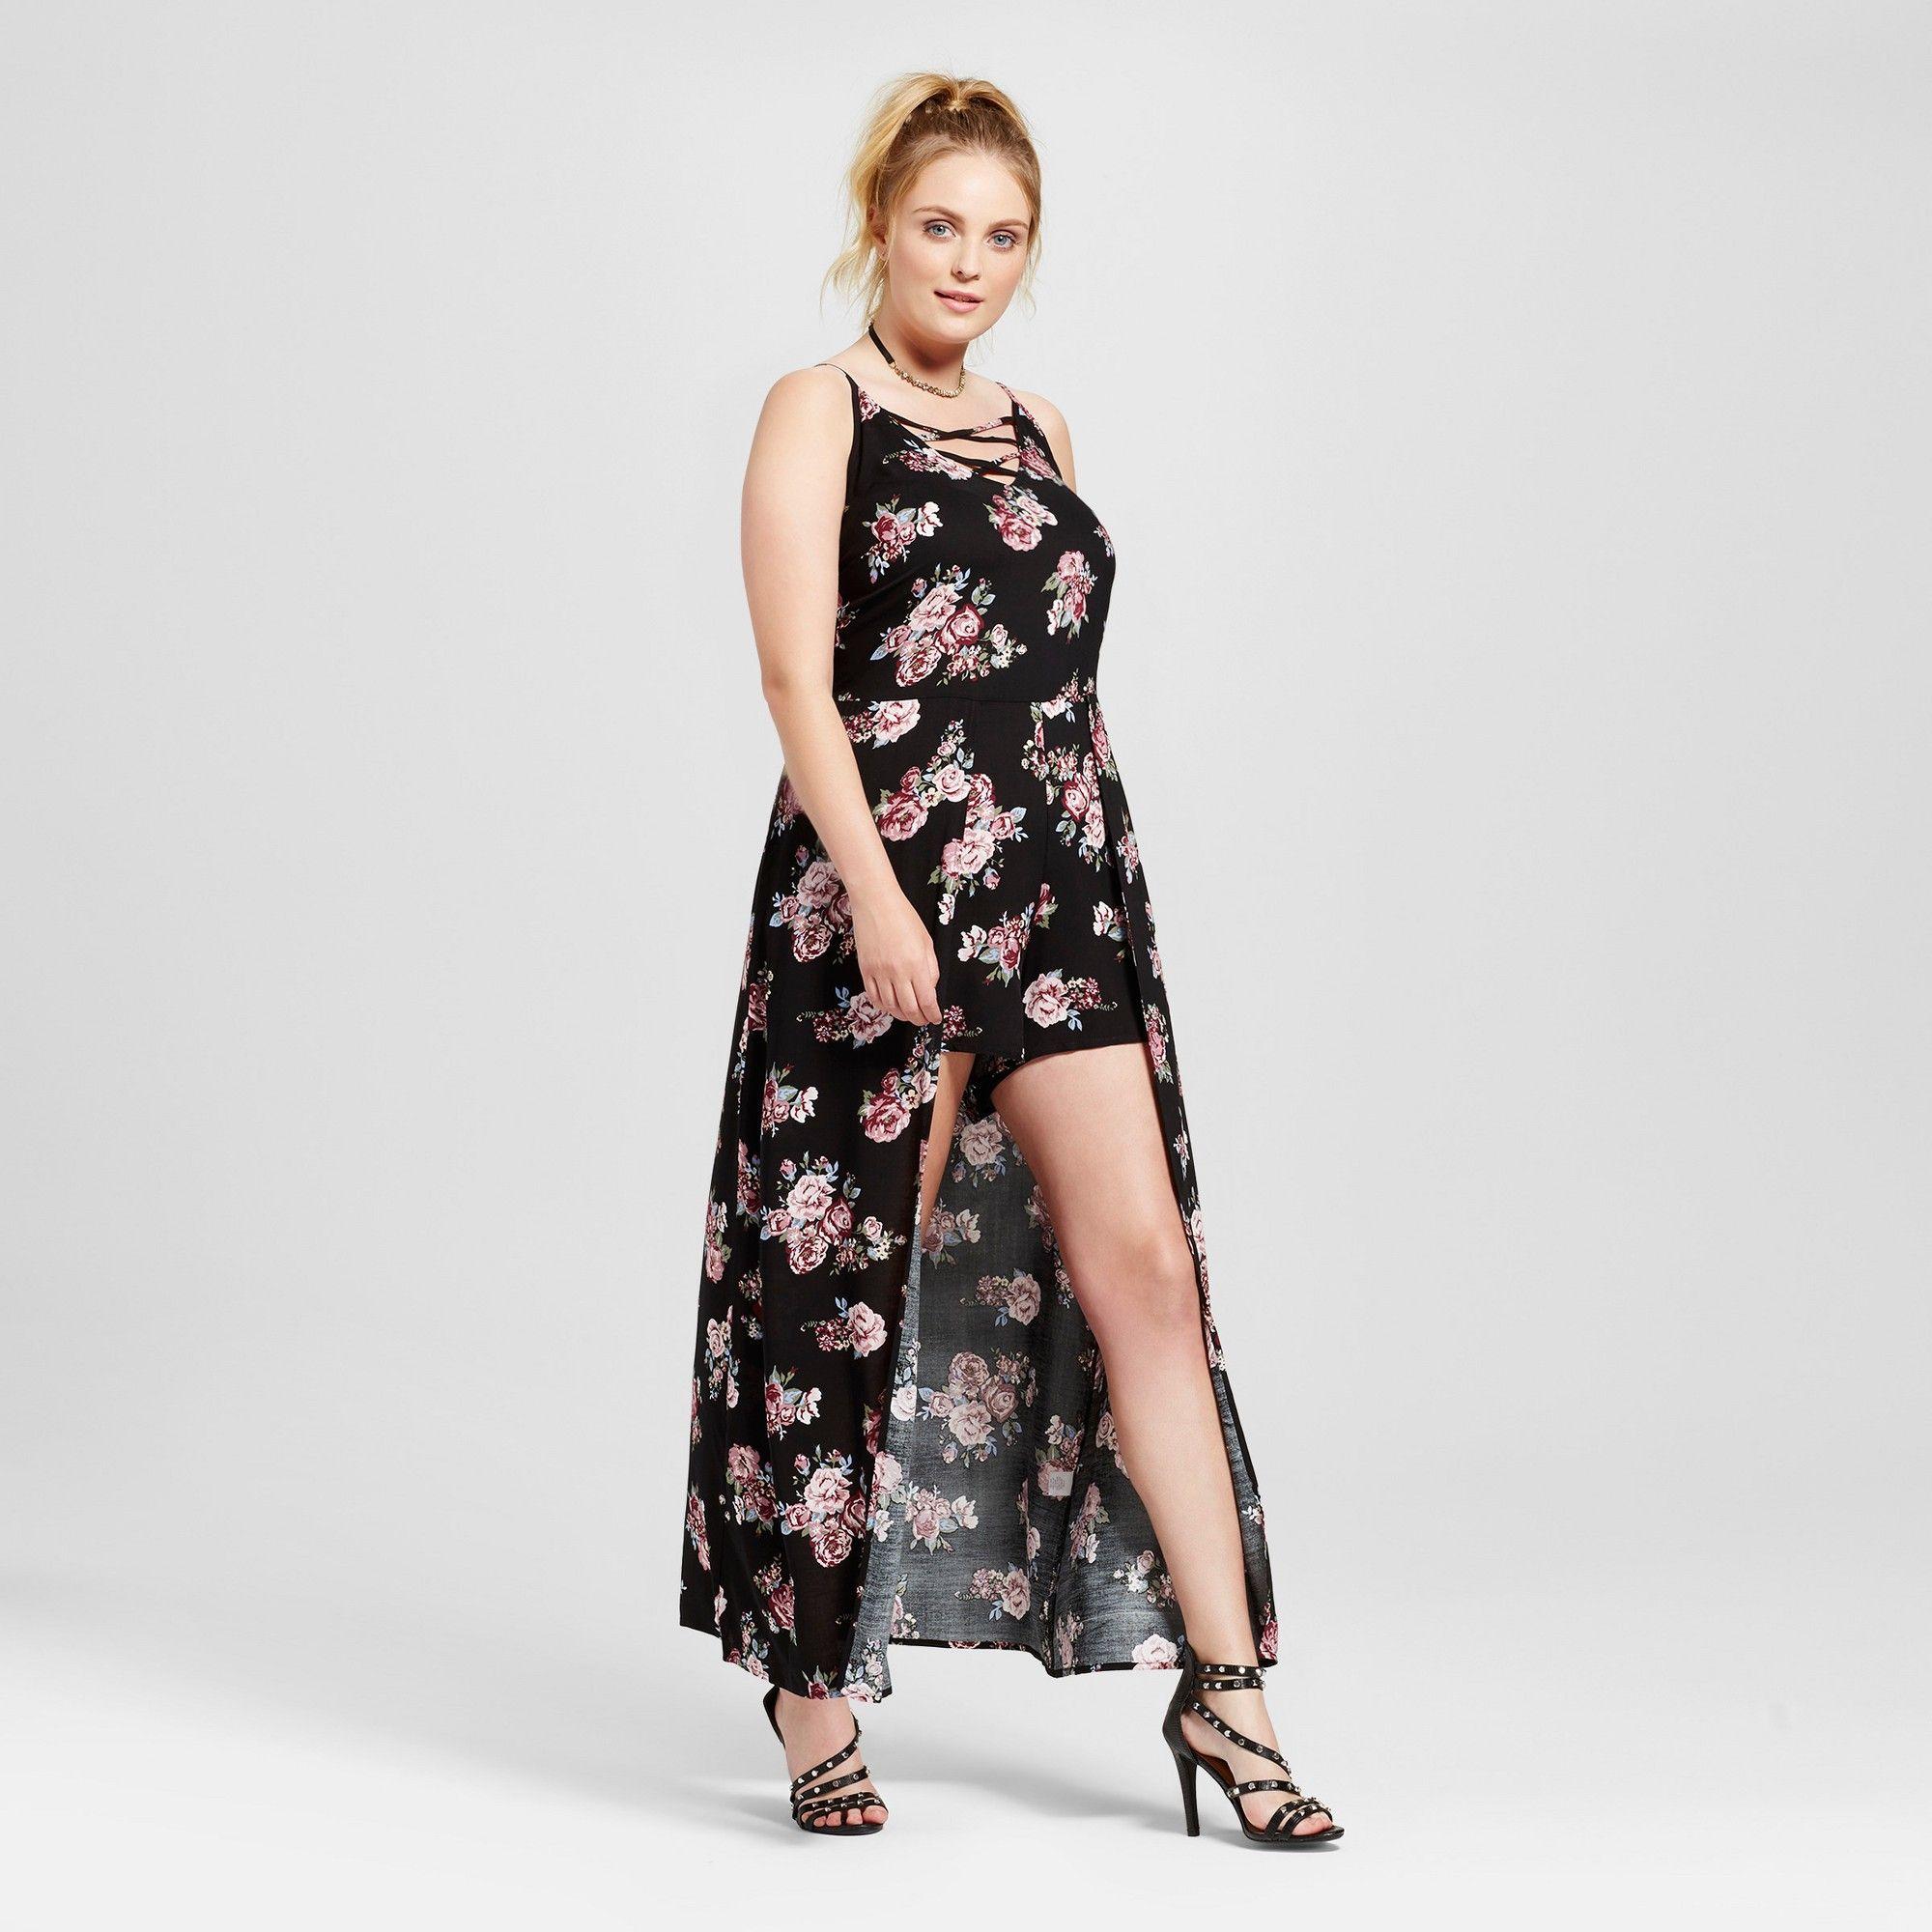 944bd64503a3 Women s Plus Size Floral Cami Lace Up Hi Lo Romper Black 2X - Almost Famous  (Juniors )